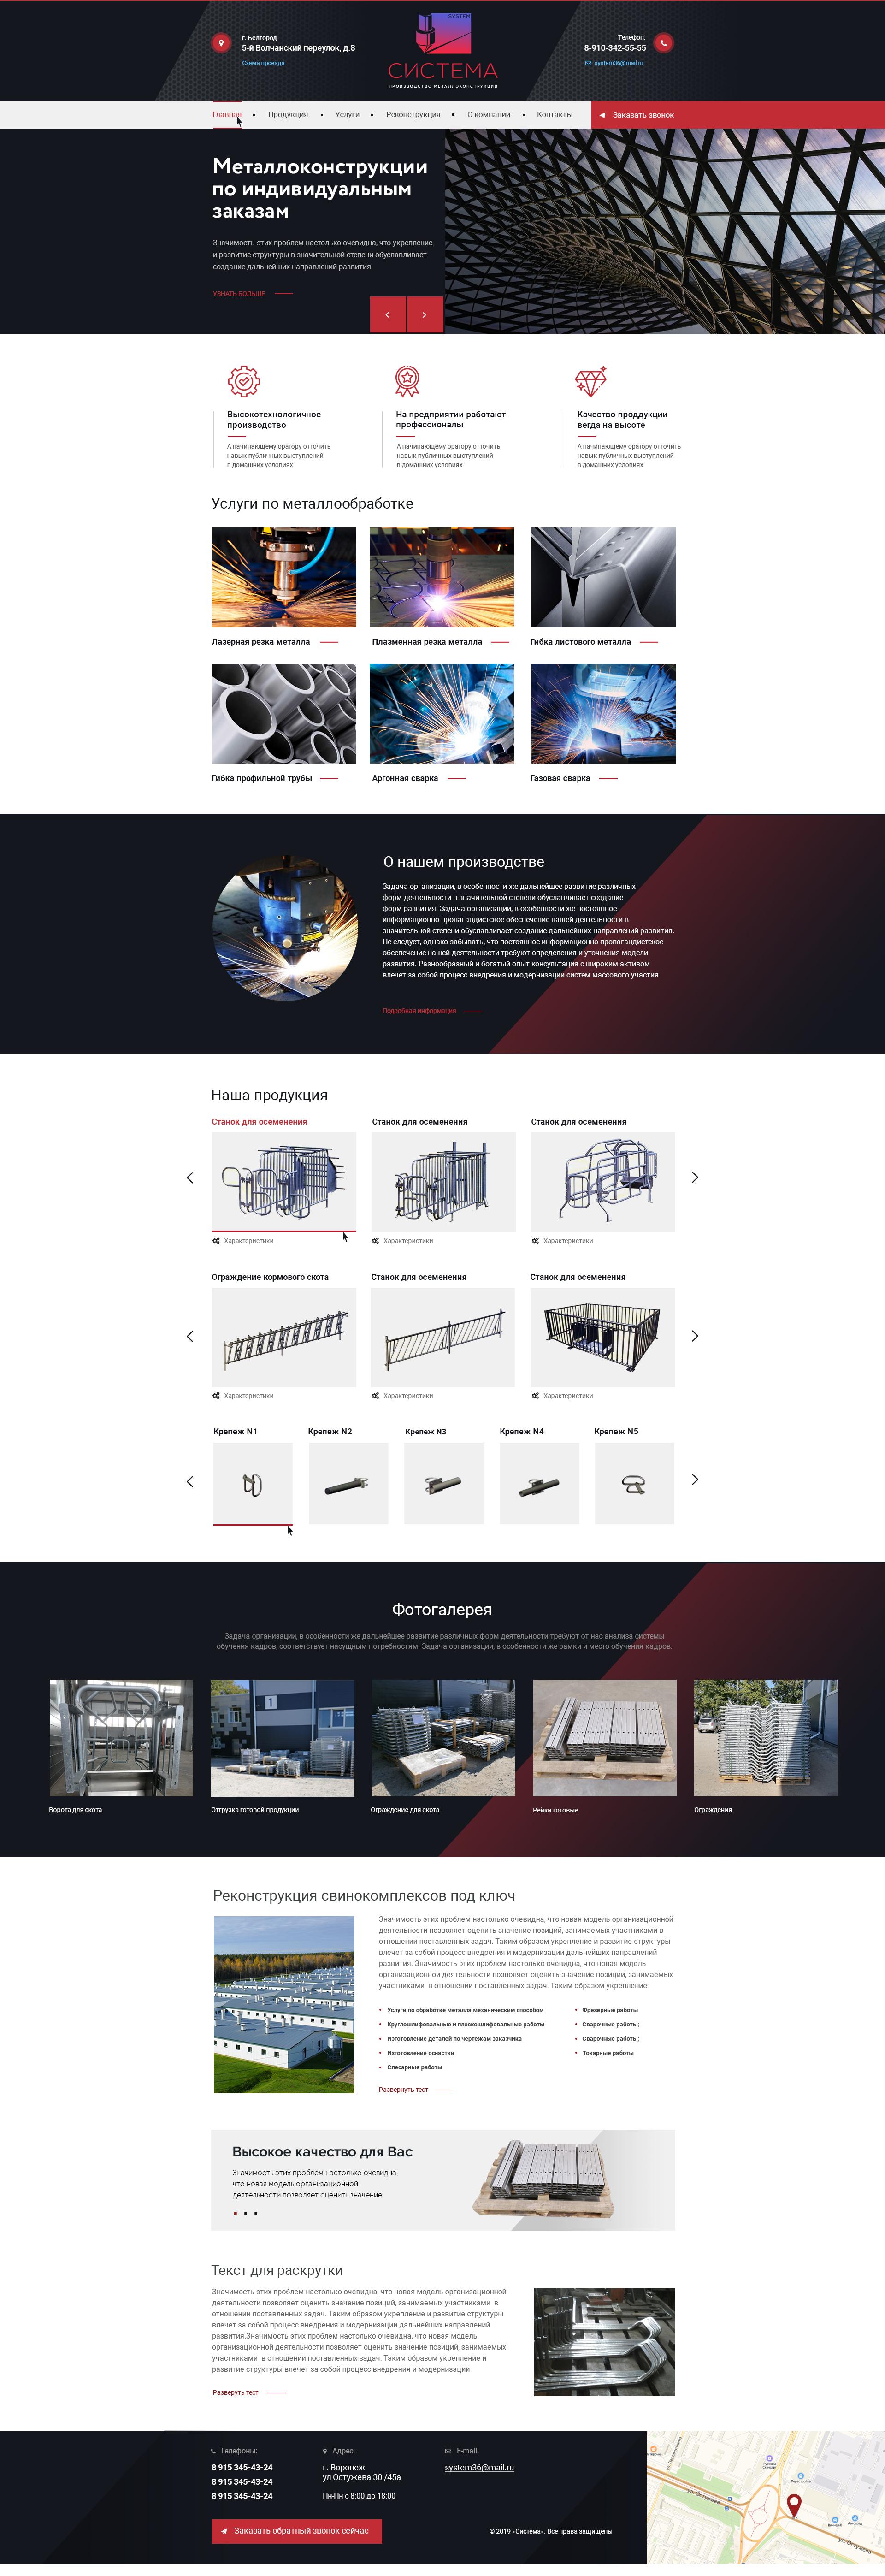 примеры сайтов производства Система 1920 px